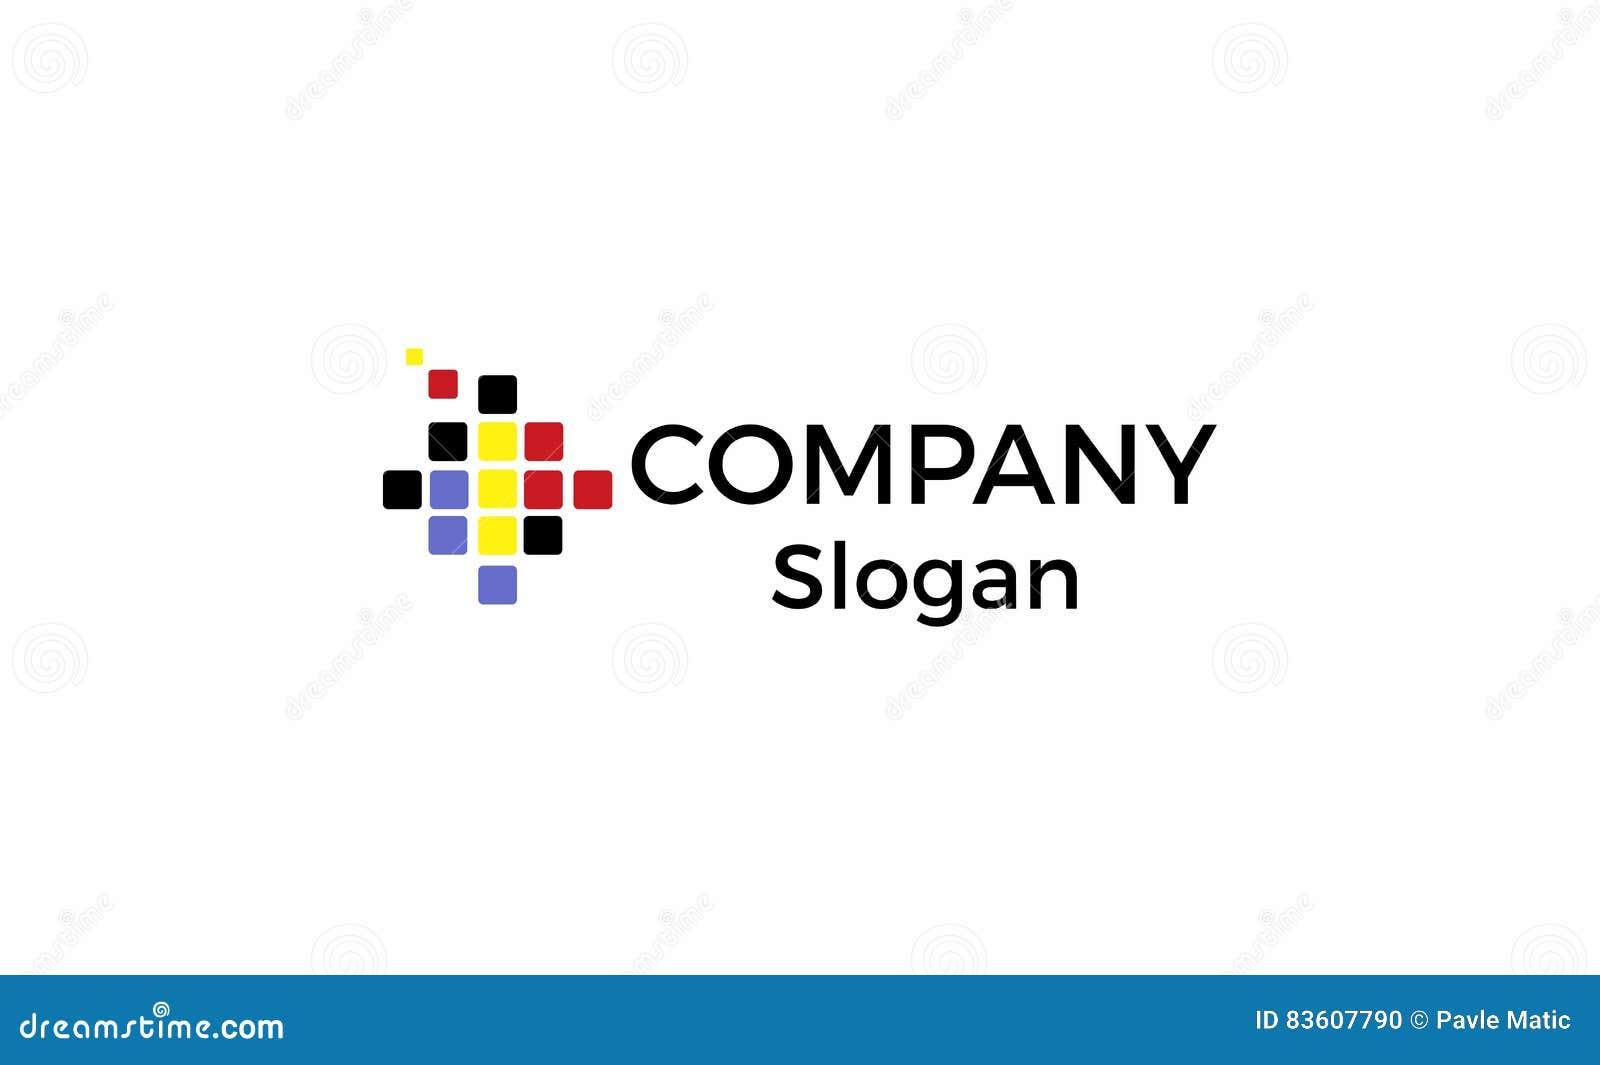 Логотип компания-разработчика программного обеспечения